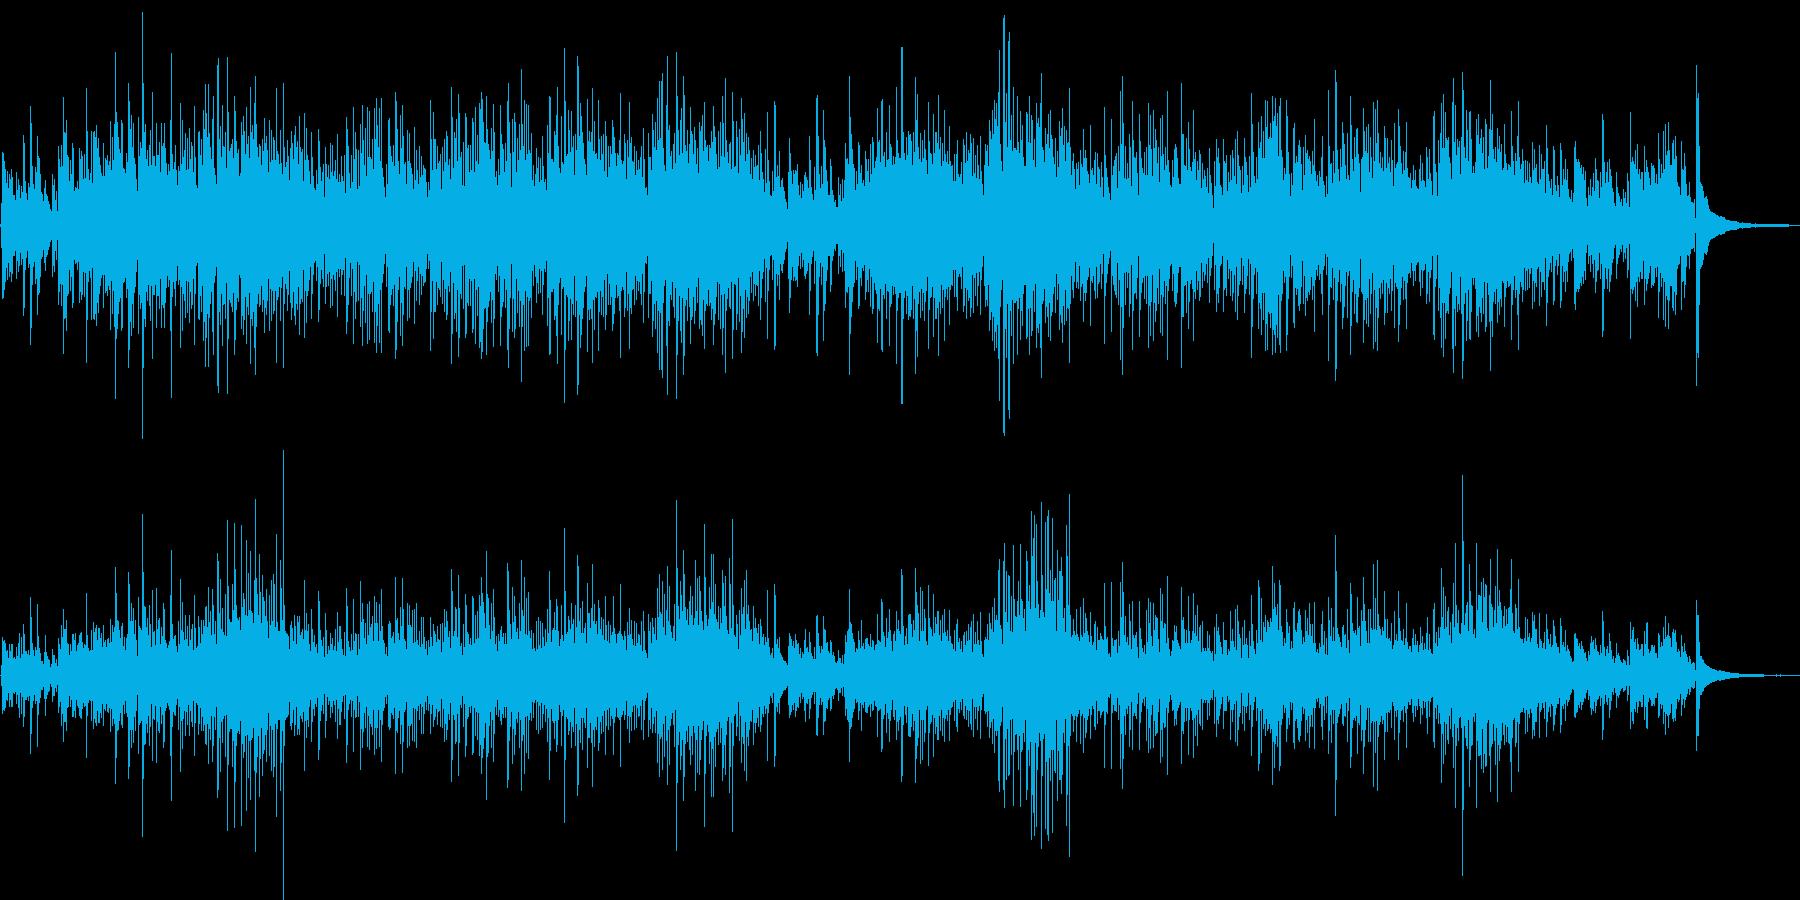 南米の民族楽器によるヒーリング曲の再生済みの波形